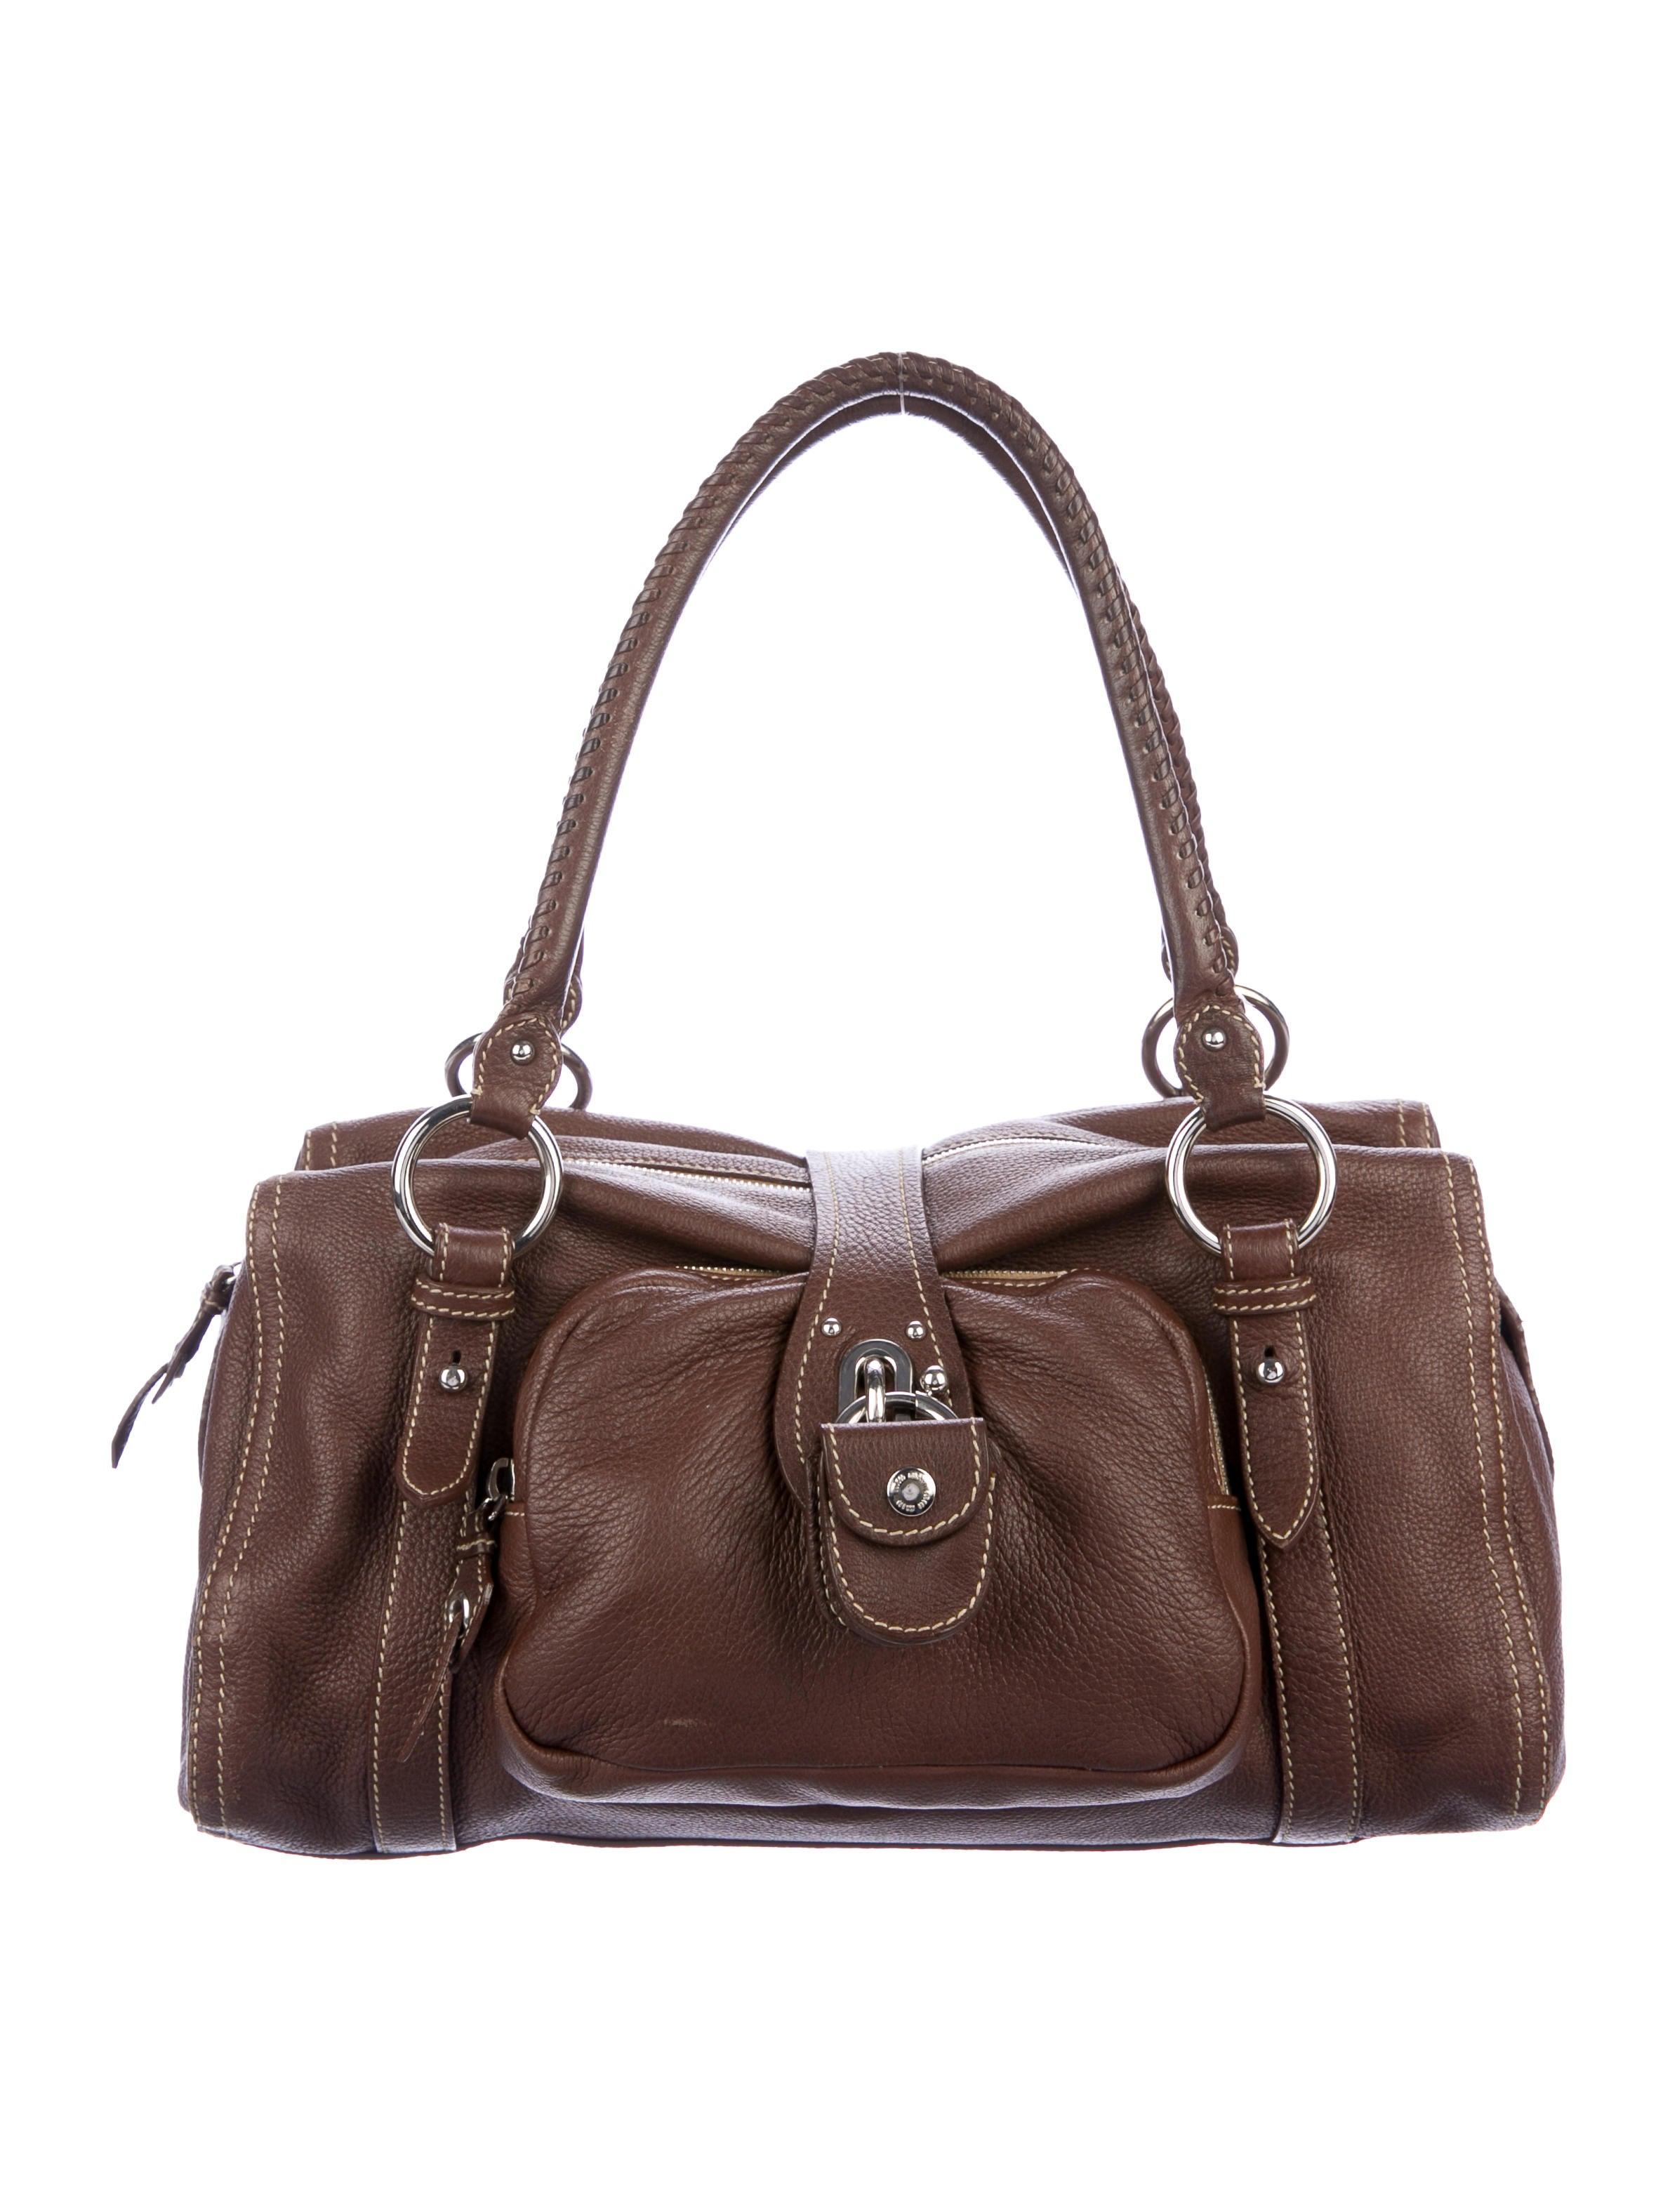 d10d68beab Miu Miu Leather Pocket Shoulder Bag - Handbags - MIU79267